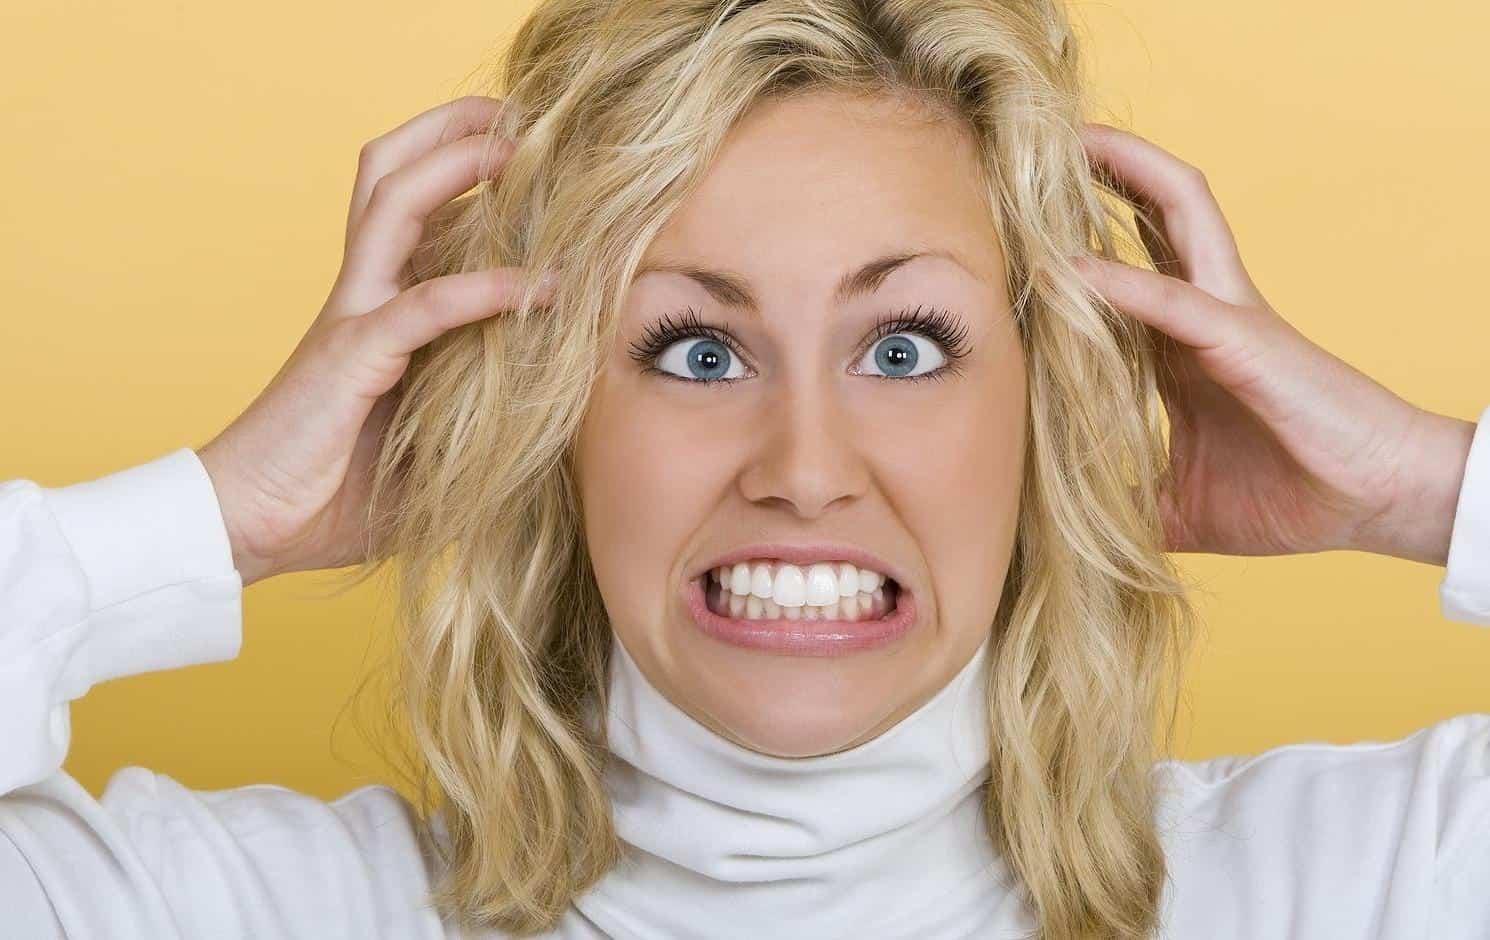 خلطة أوراق الكاري علاج طبيعي لحكة الرأس المزعجة